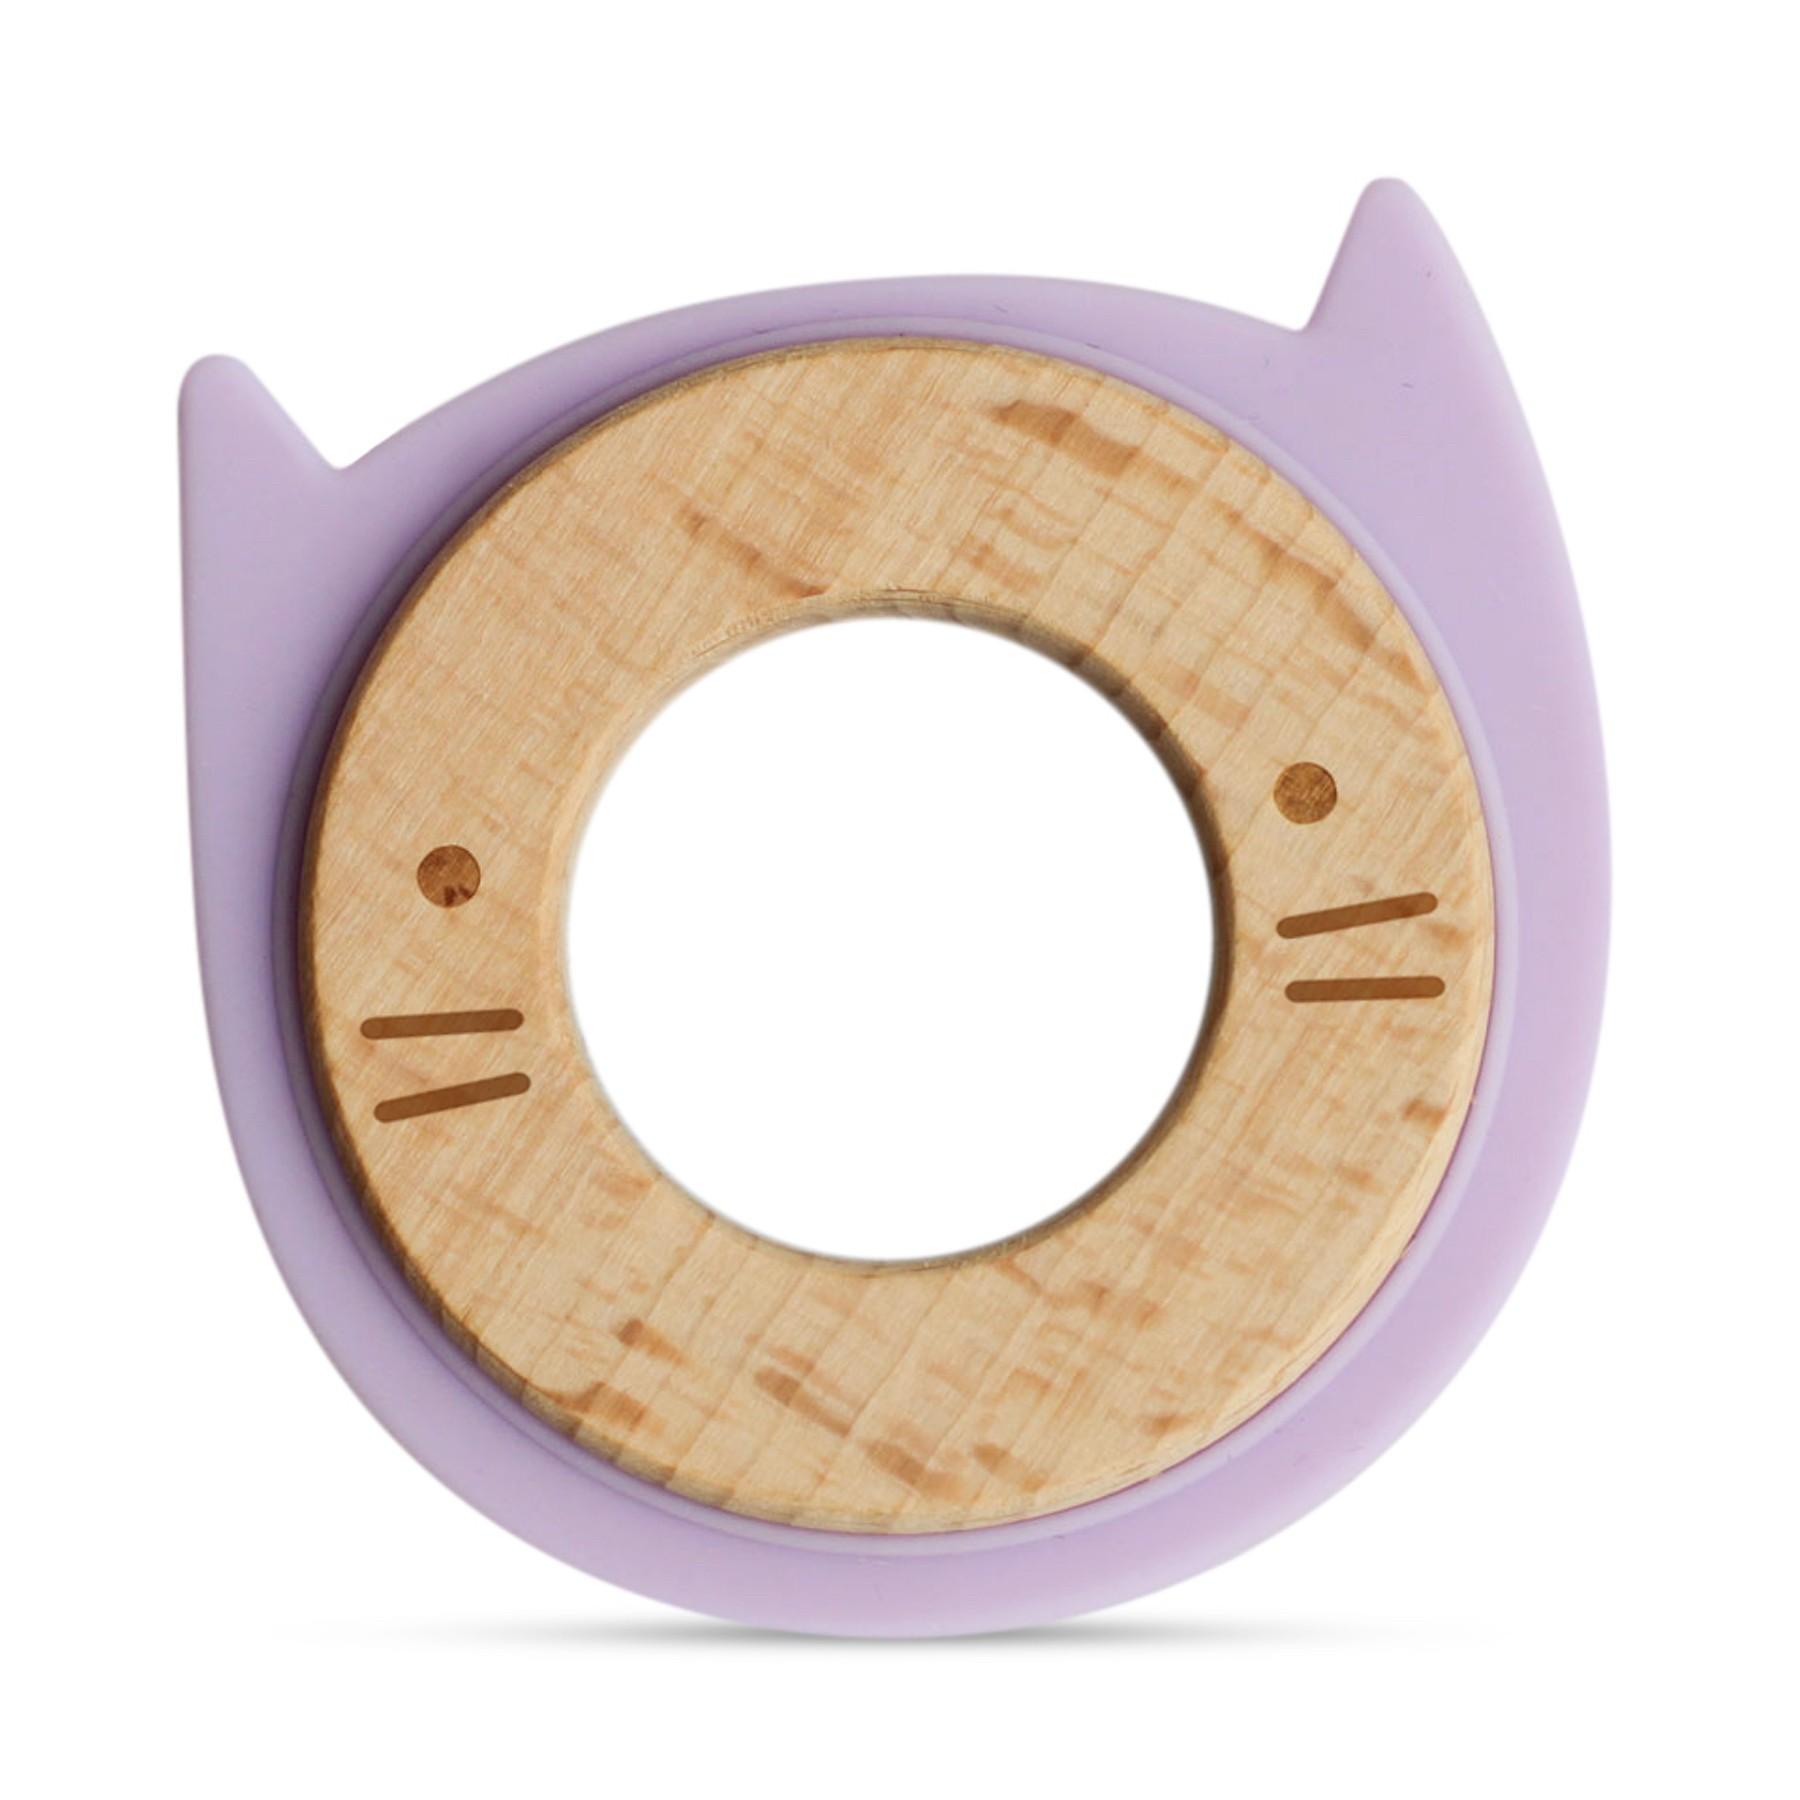 Anneau de dentition en bois et silicone violet bébé